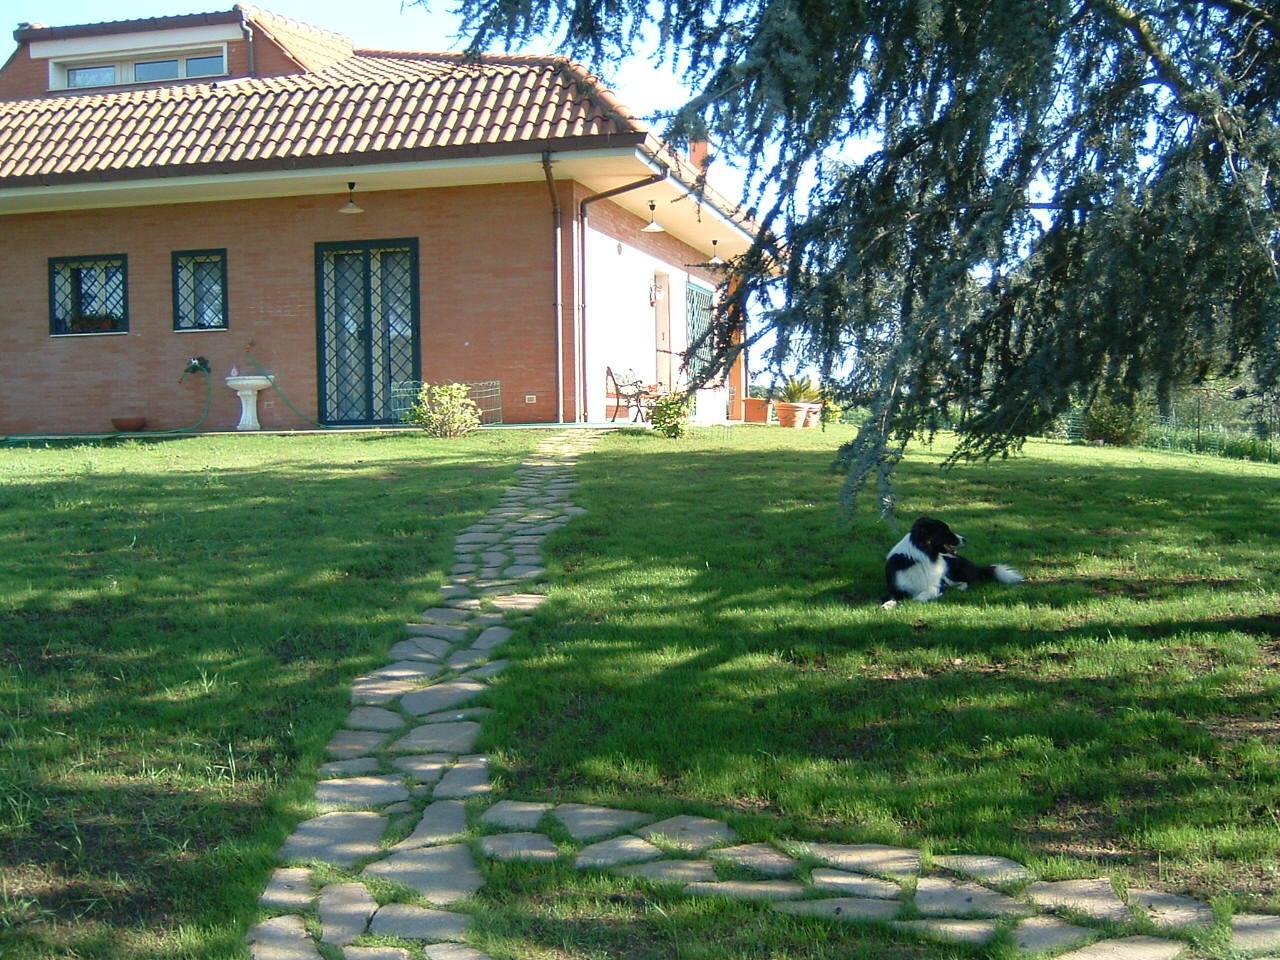 Sentiero fai da te in un giardino in discesa pagina 10 forum di - Idee giardino in pendenza ...